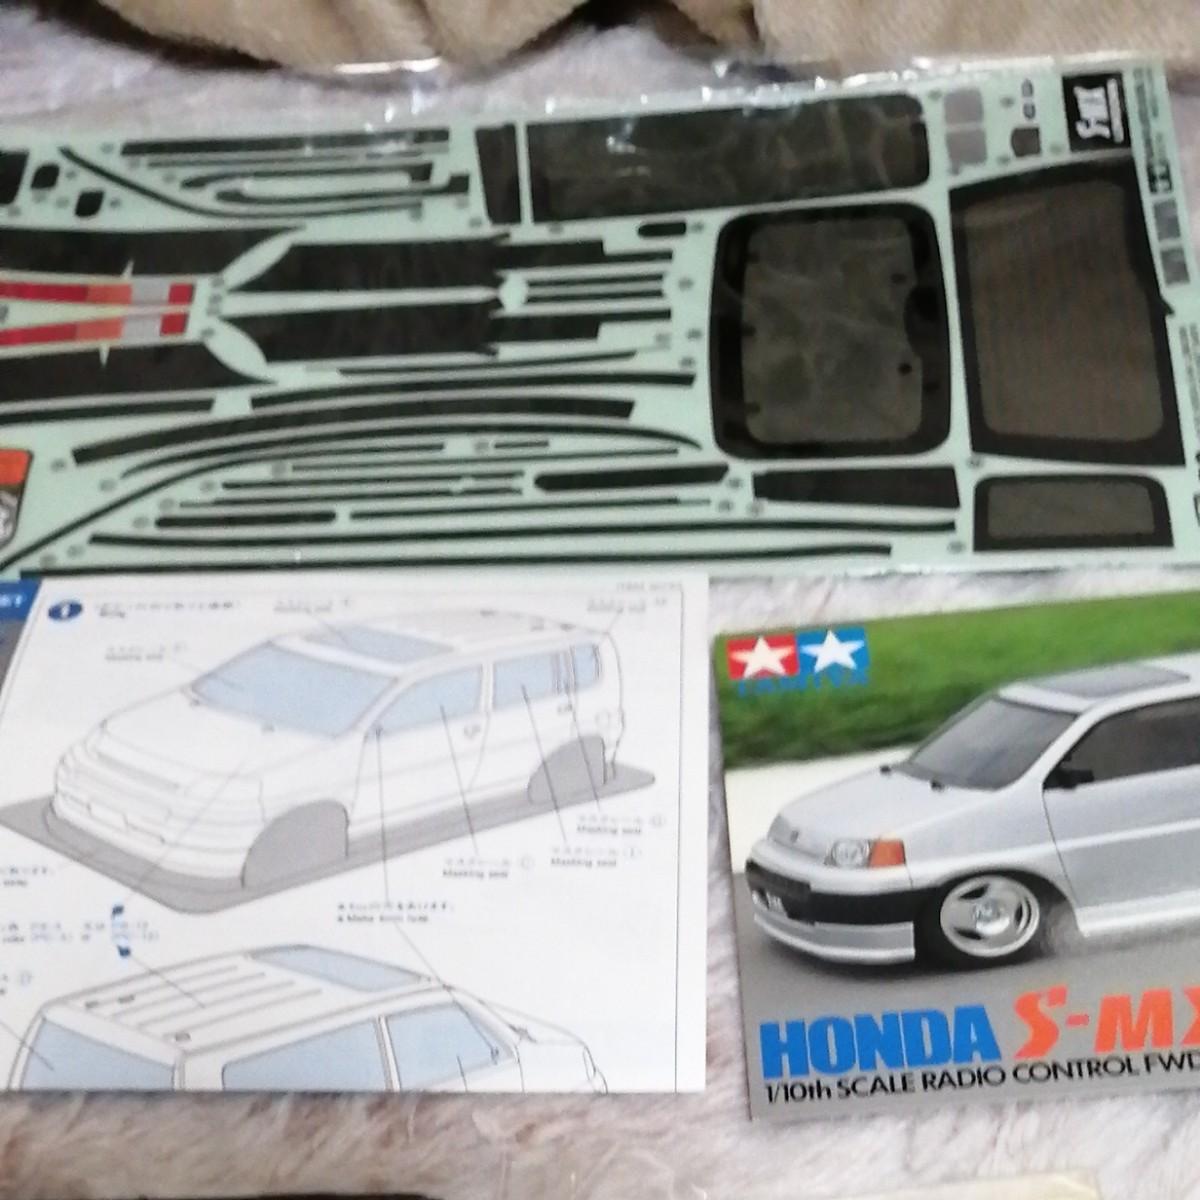 タミヤ ホンダS-MX 1/10電動RCカースペアボディーセット